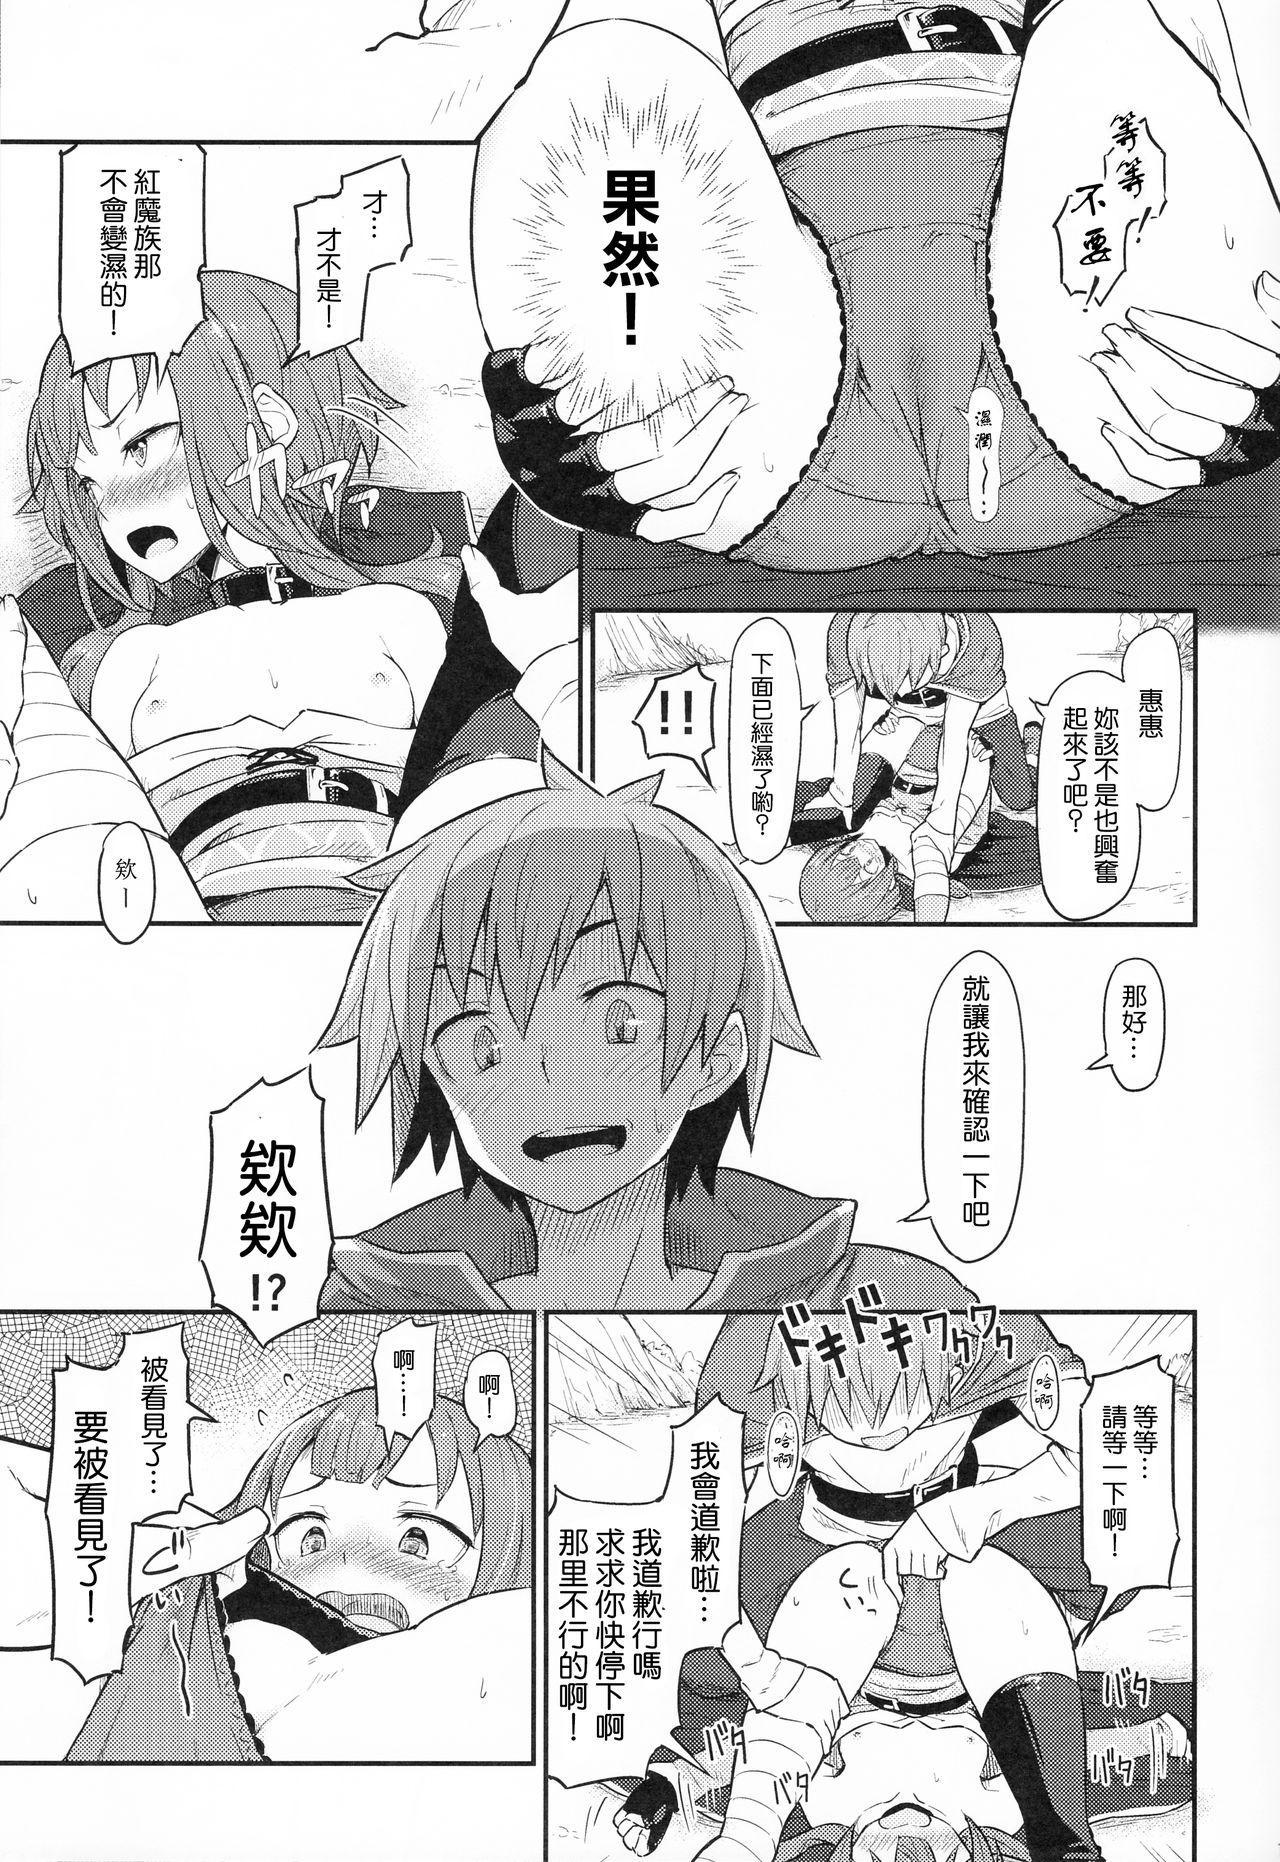 Kono Bakuretsudou ni Gohoubi o! |為爆裂魔法獻上讚美! 12